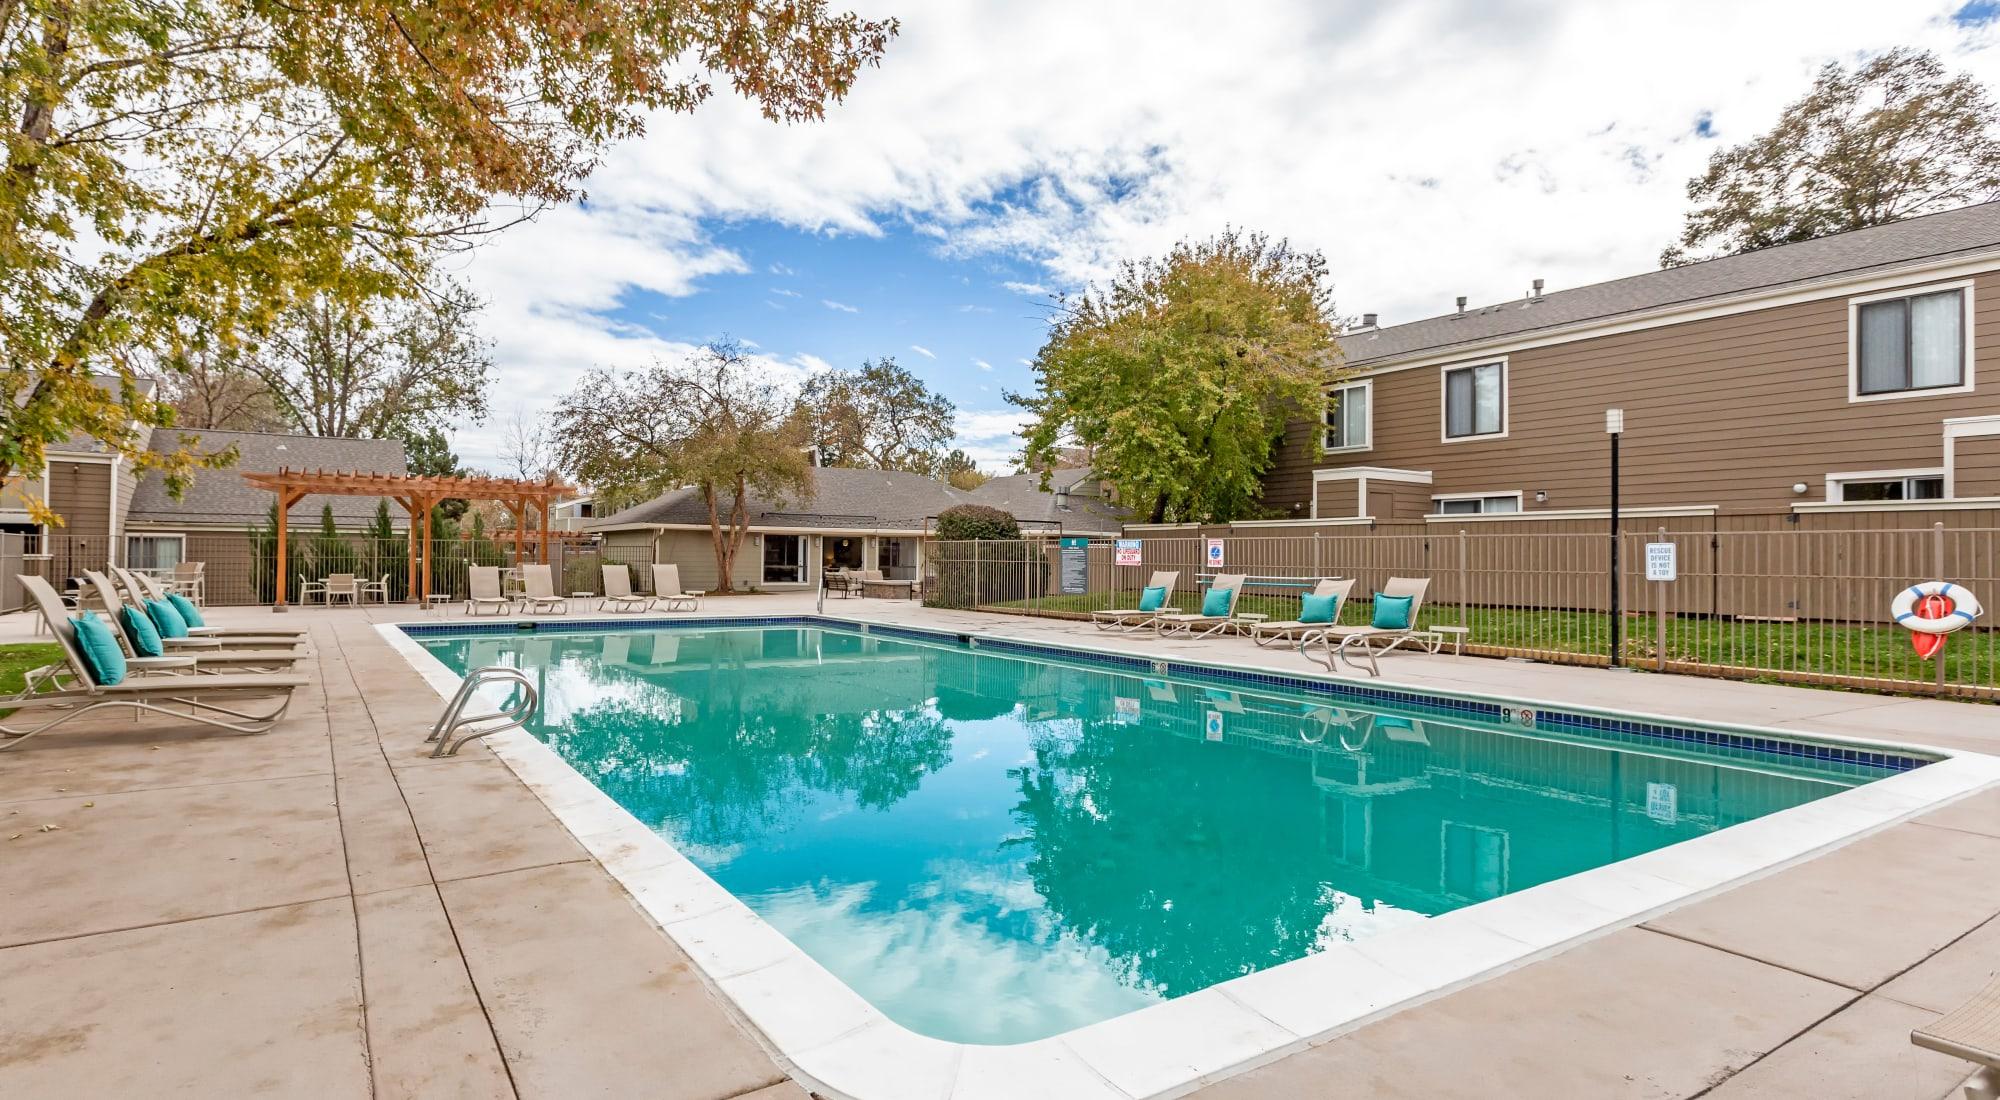 Apartments at The Ranch at Bear Creek Apartments & Townhomes in Lakewood, Colorado